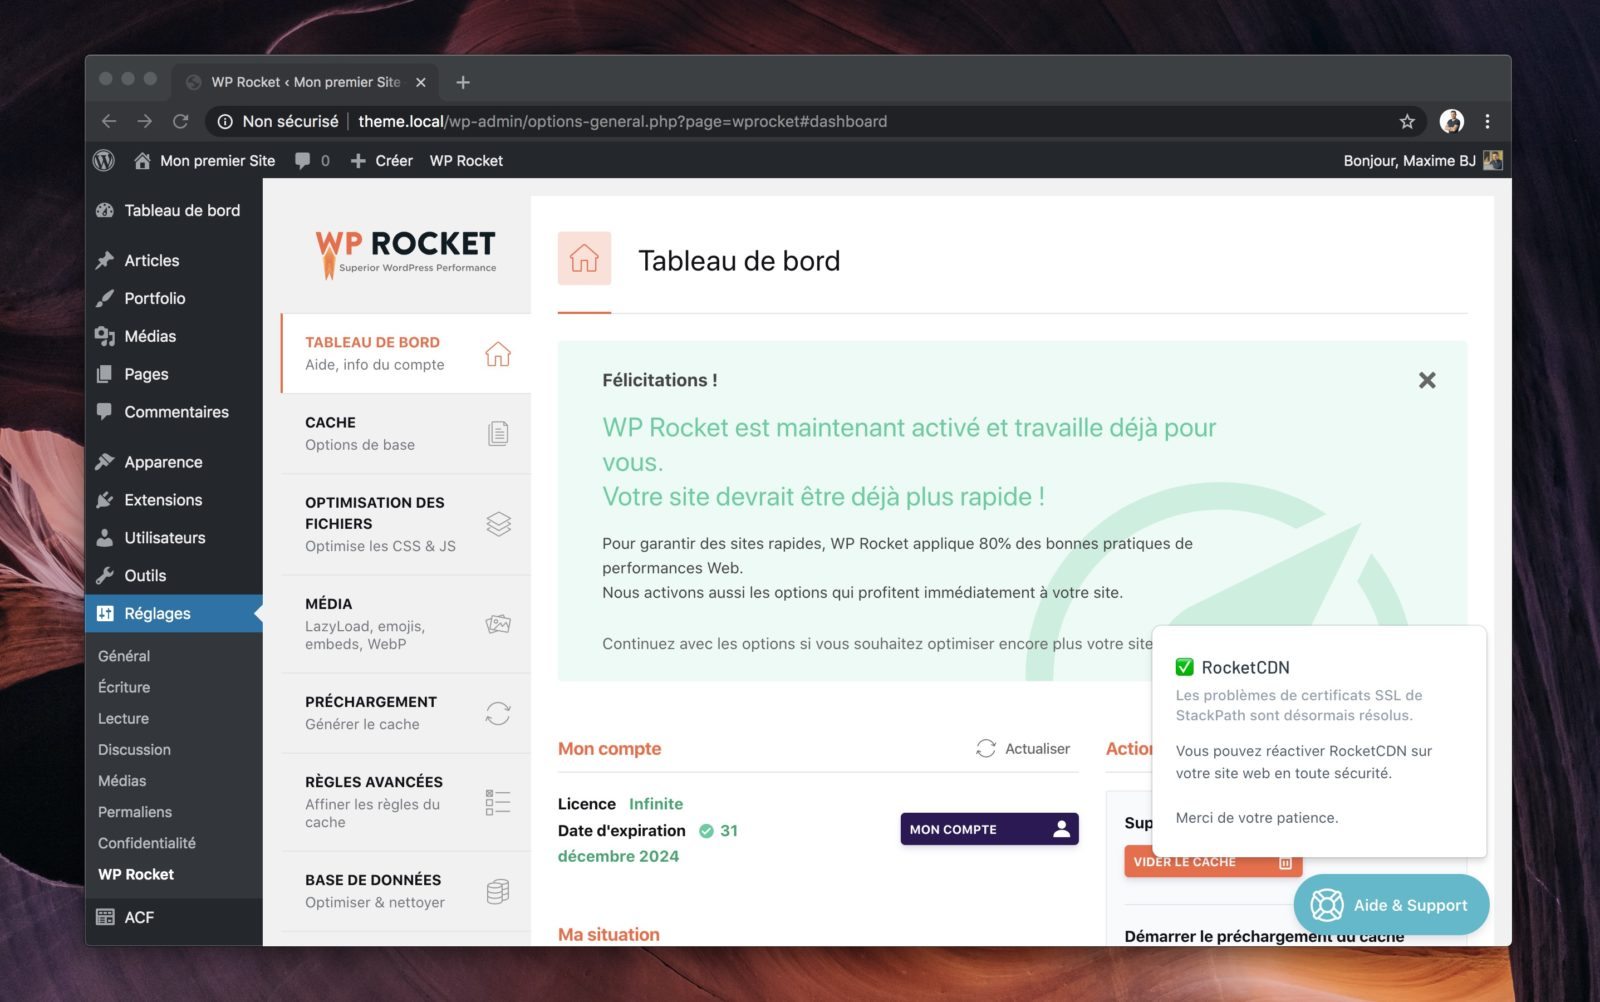 Capture d'écran du panneau de réglages de WP Rocket